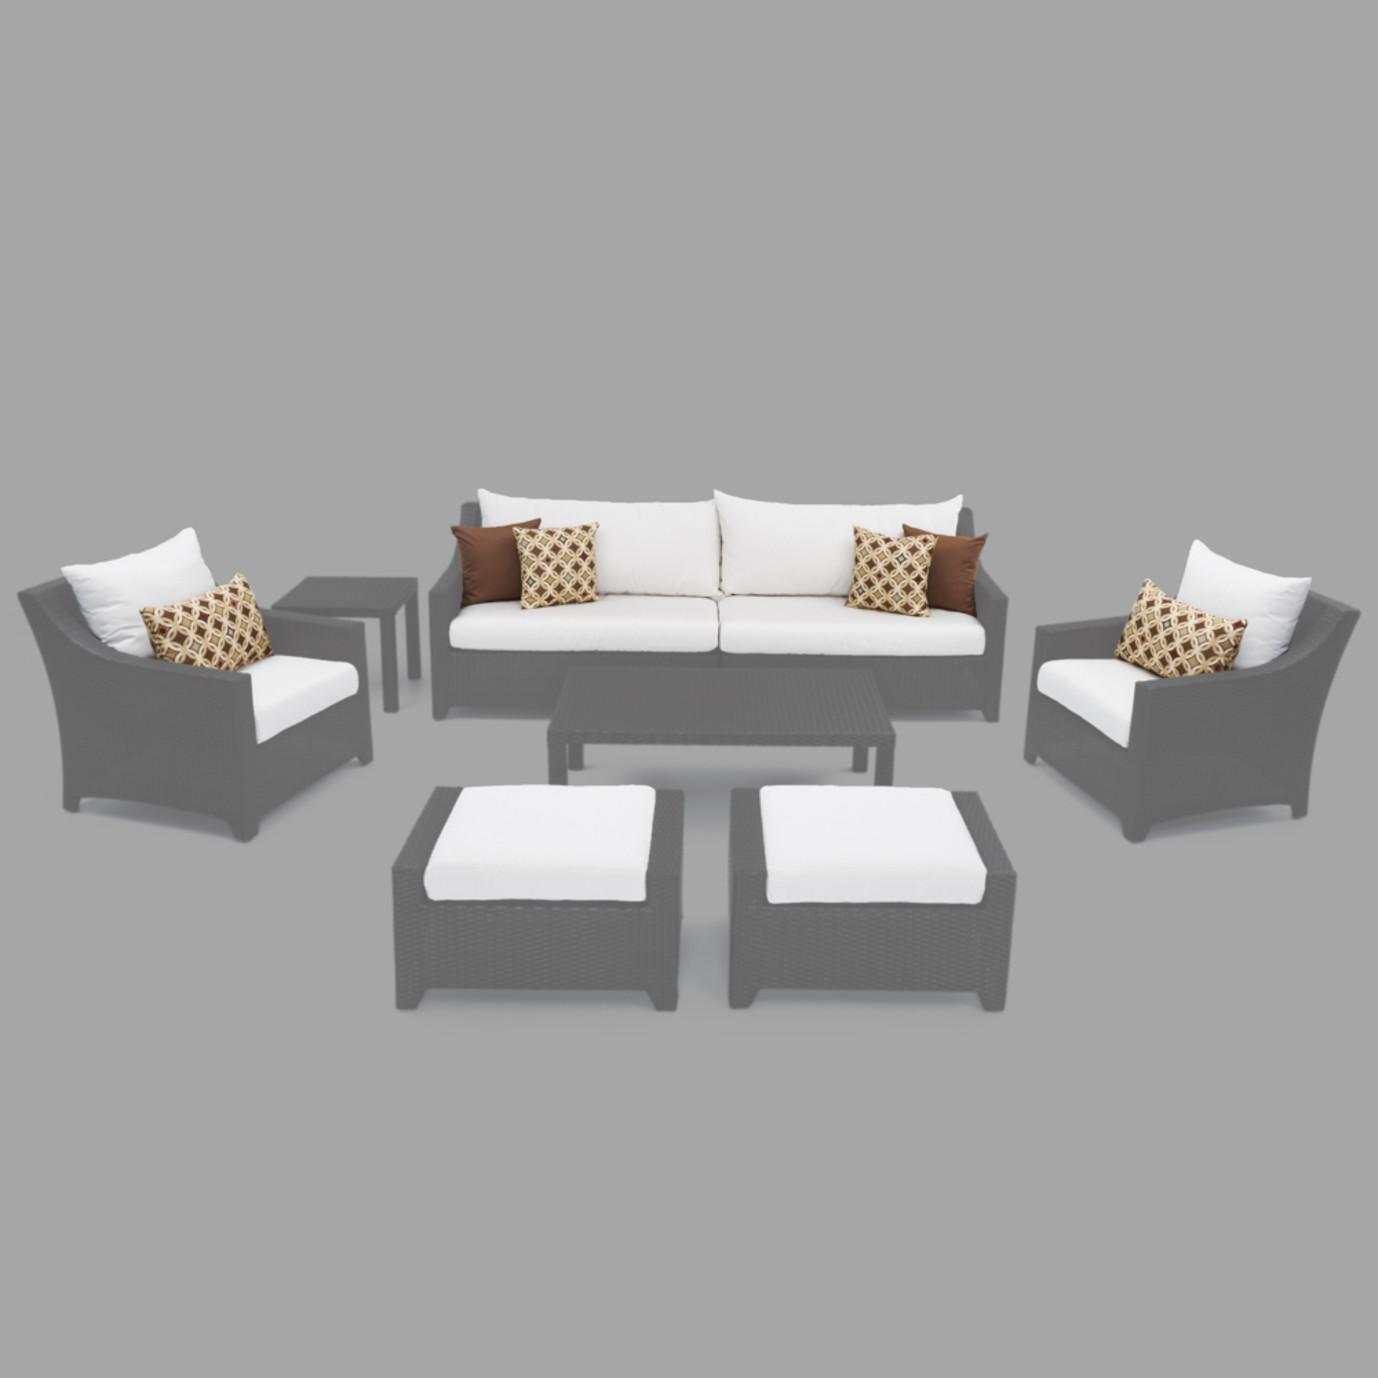 Modular Outdoor 8 Piece Club Cushion Cover Set - Moroccan Cream